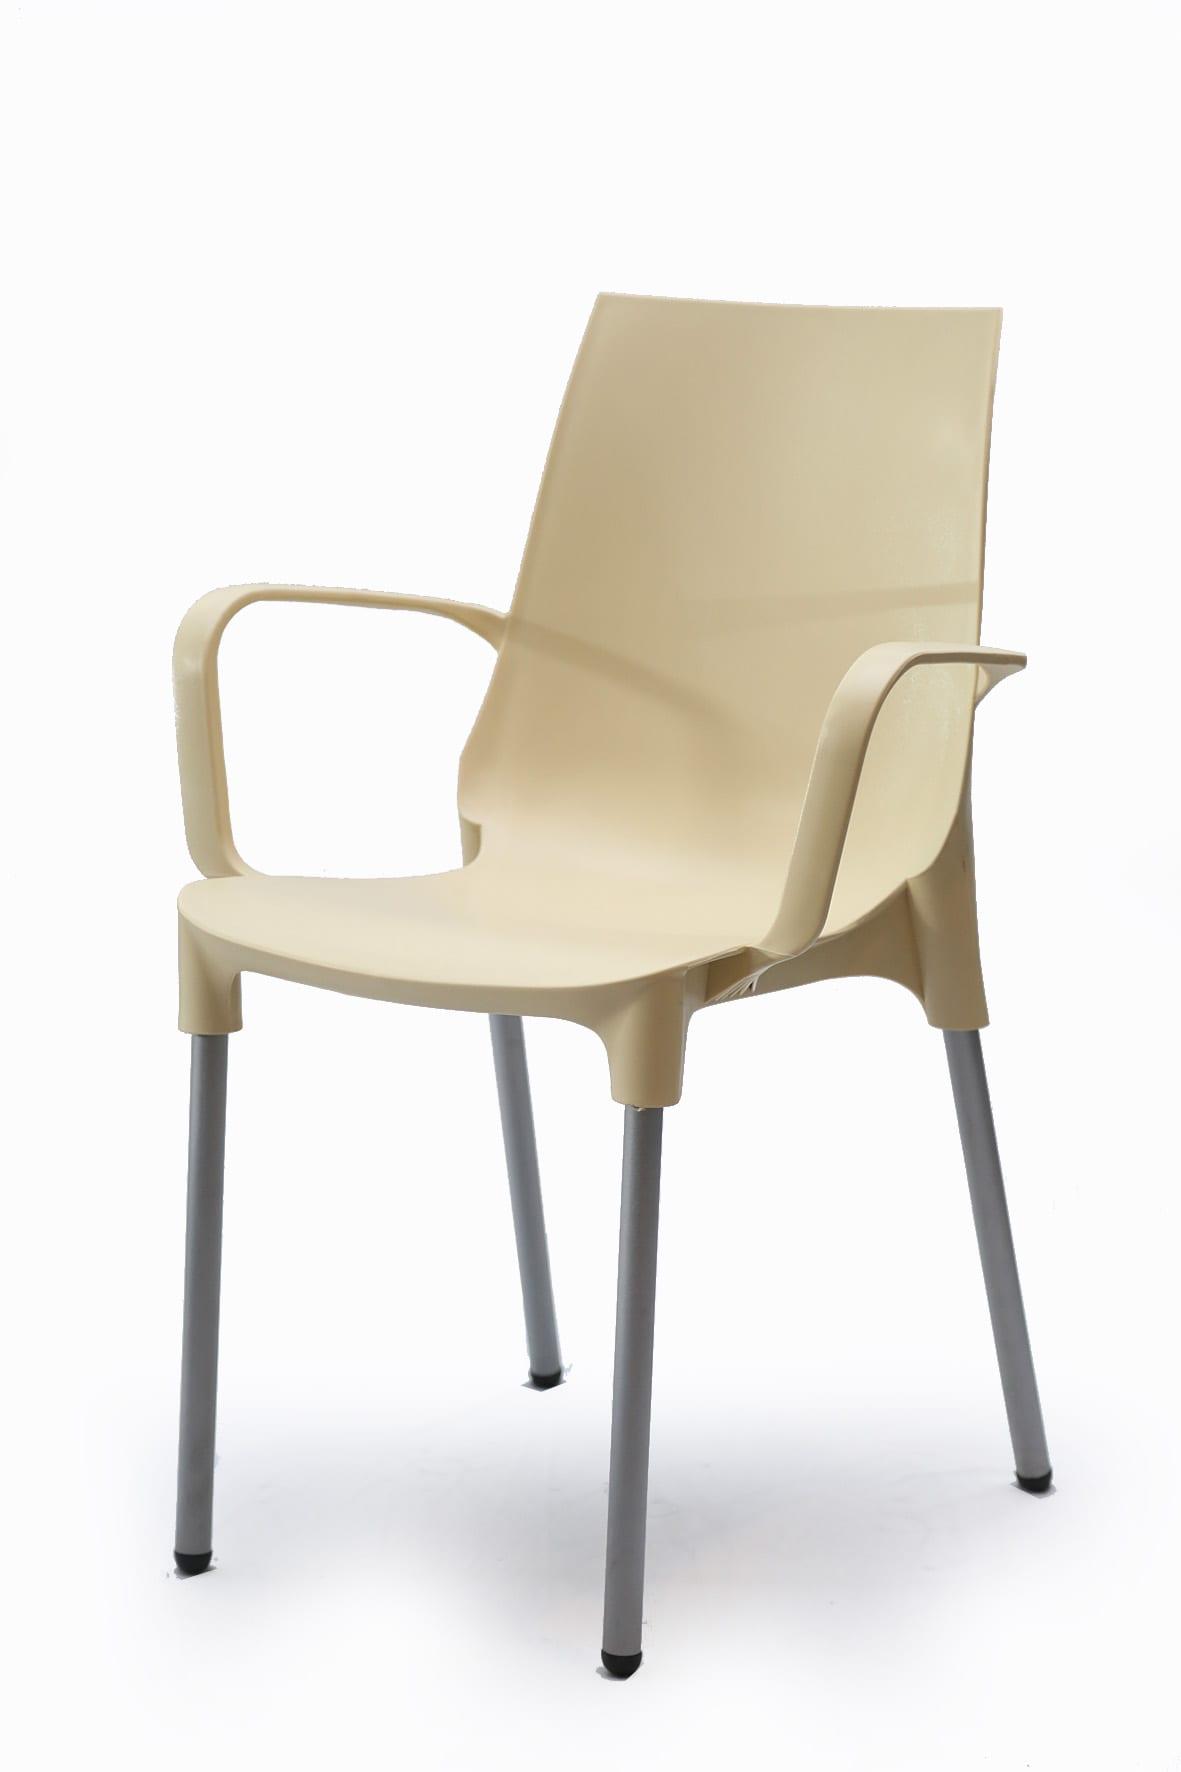 Revista Estilo Propio Arquitectura Y Dise O Arte Y Decoracion # Muebles Lola Mora